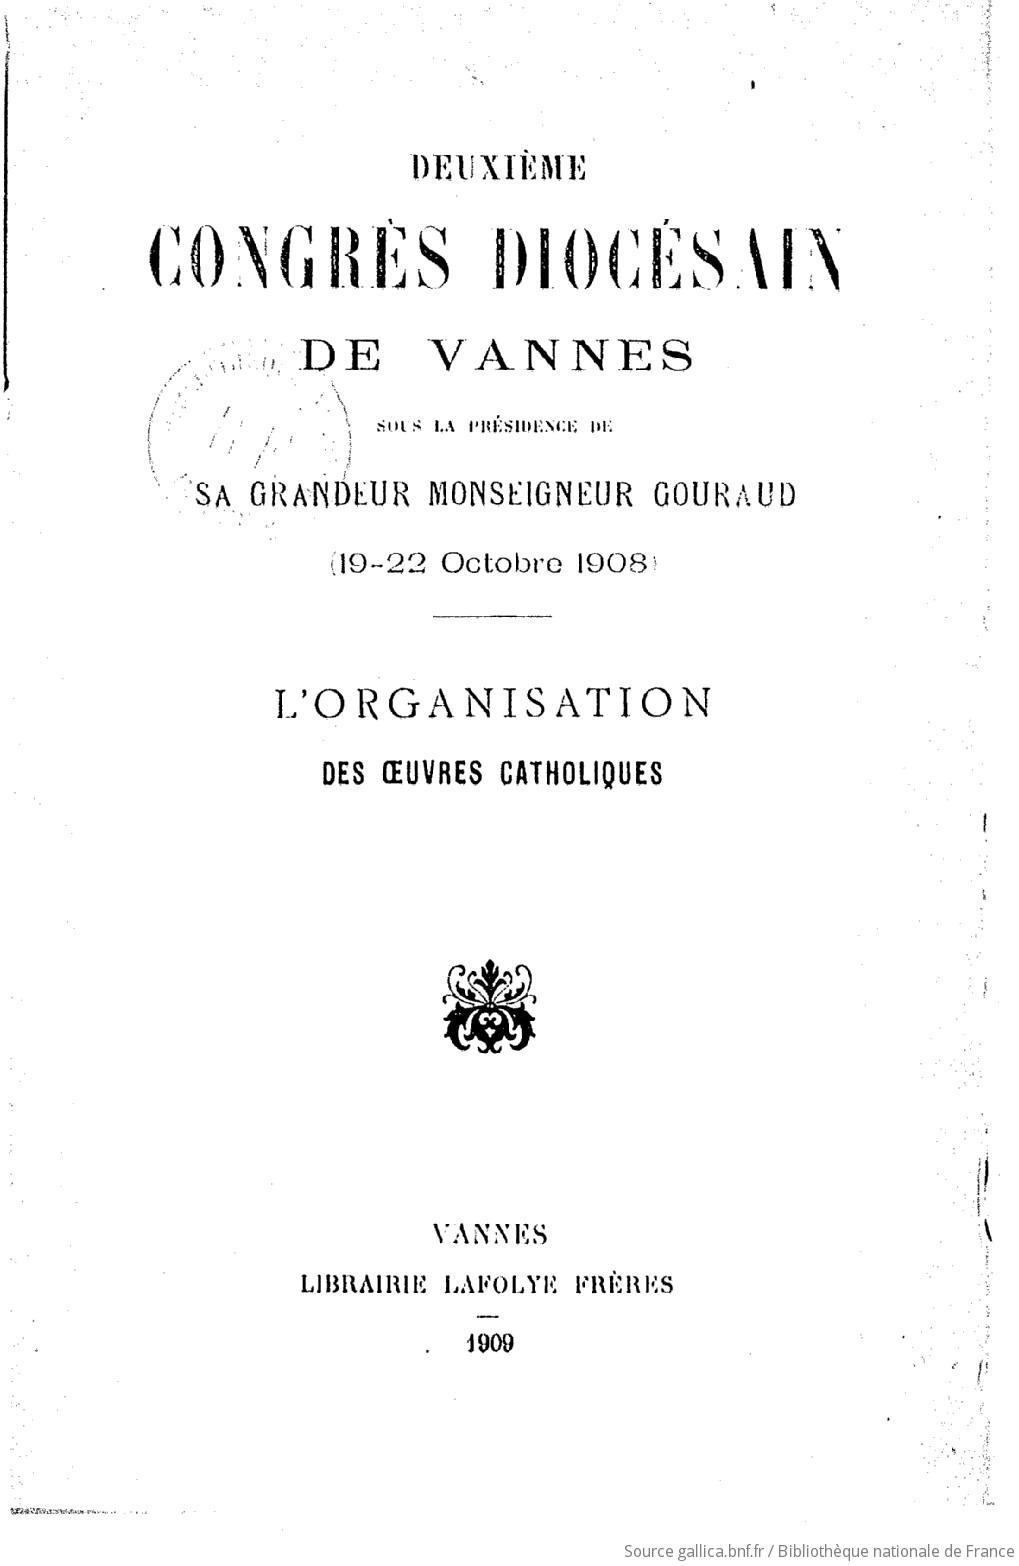 L'organisation des oeuvres catholiques / Deuxième congrès diocésain de Vannes... | Eglise catholique